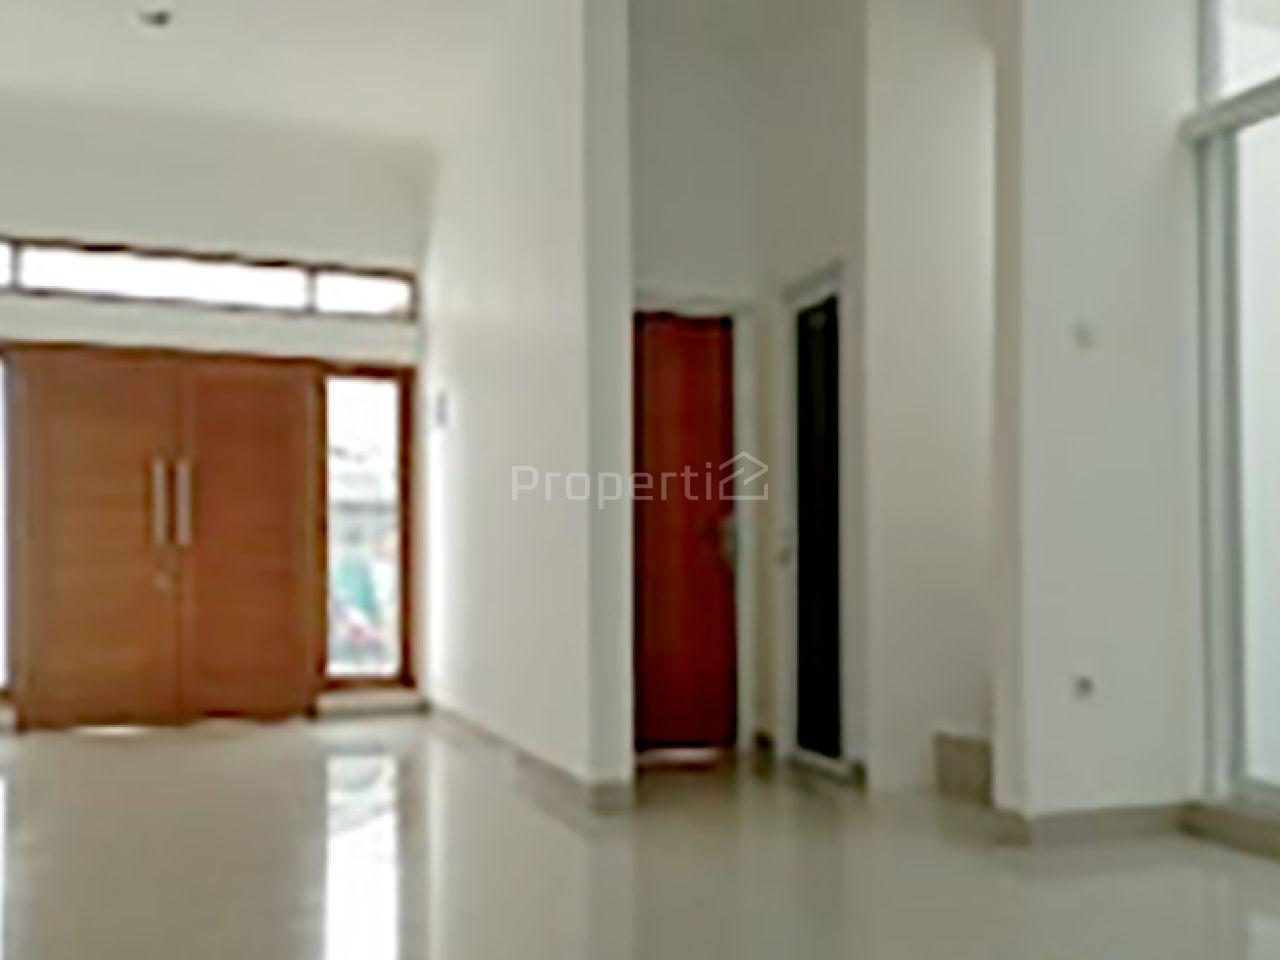 Rumah Baru Minimalis dan Strategis di Tebet Barat, Jakarta Selatan